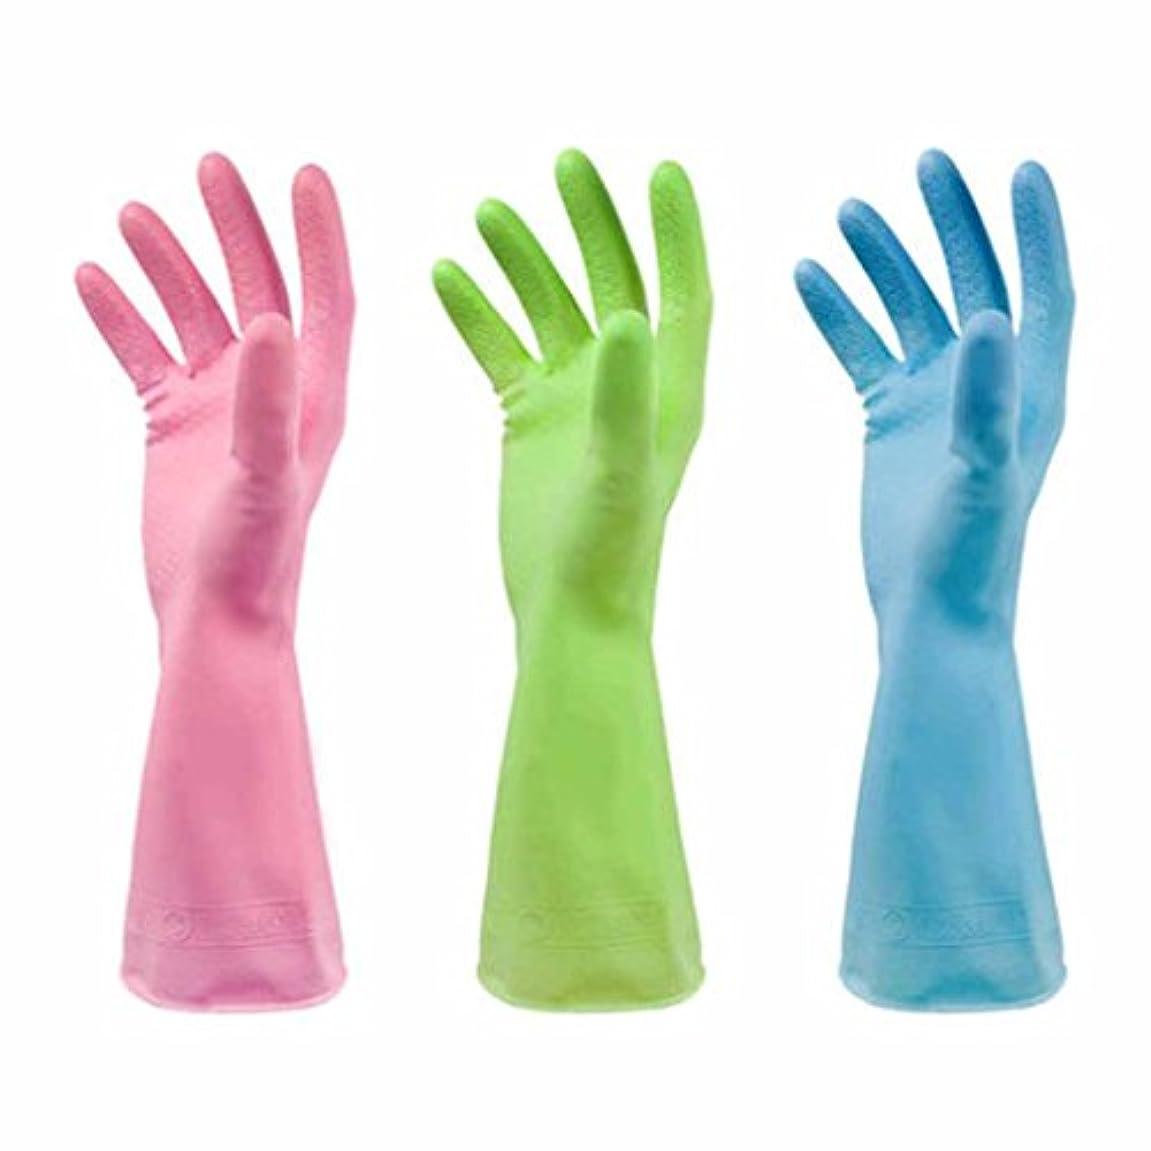 デッドロック意欲トレーダー使い捨て手袋 PVC滑り止め耐久手袋キッチン多機能防水油手袋 (Size : S)